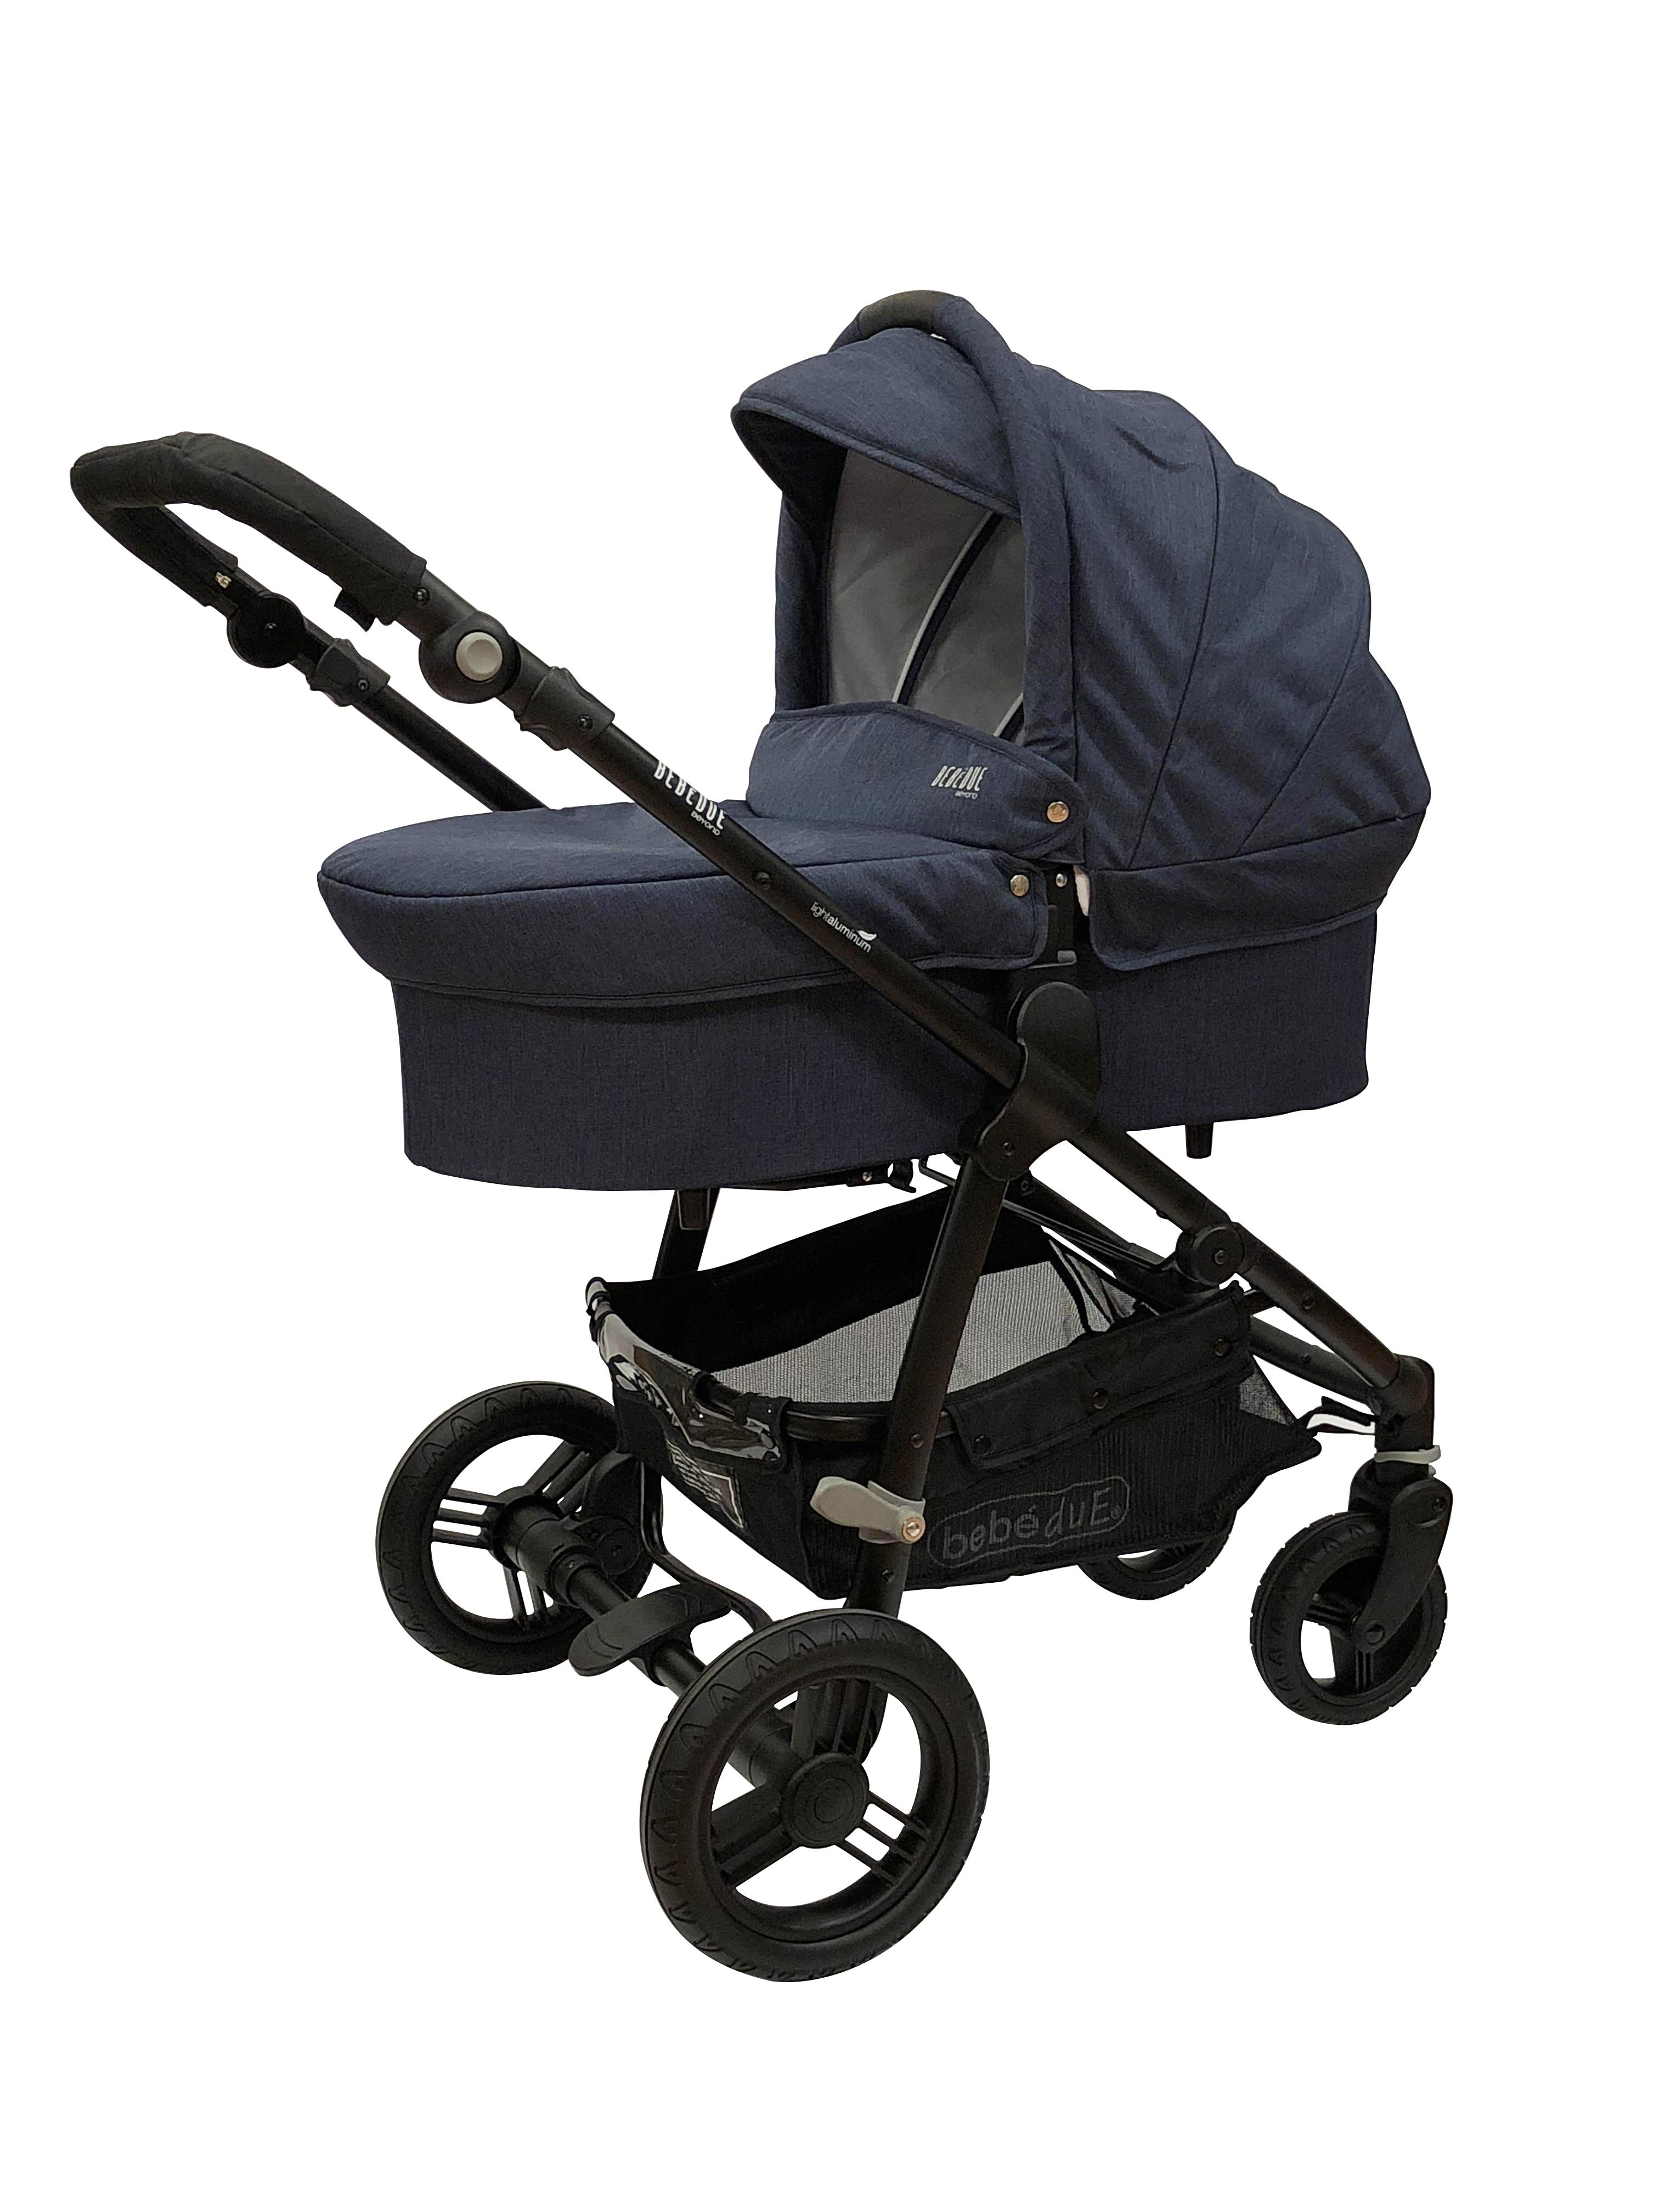 Купить Коляска 2 в 1 Bebe Due Beyond 10153, Детские коляски 2 в 1